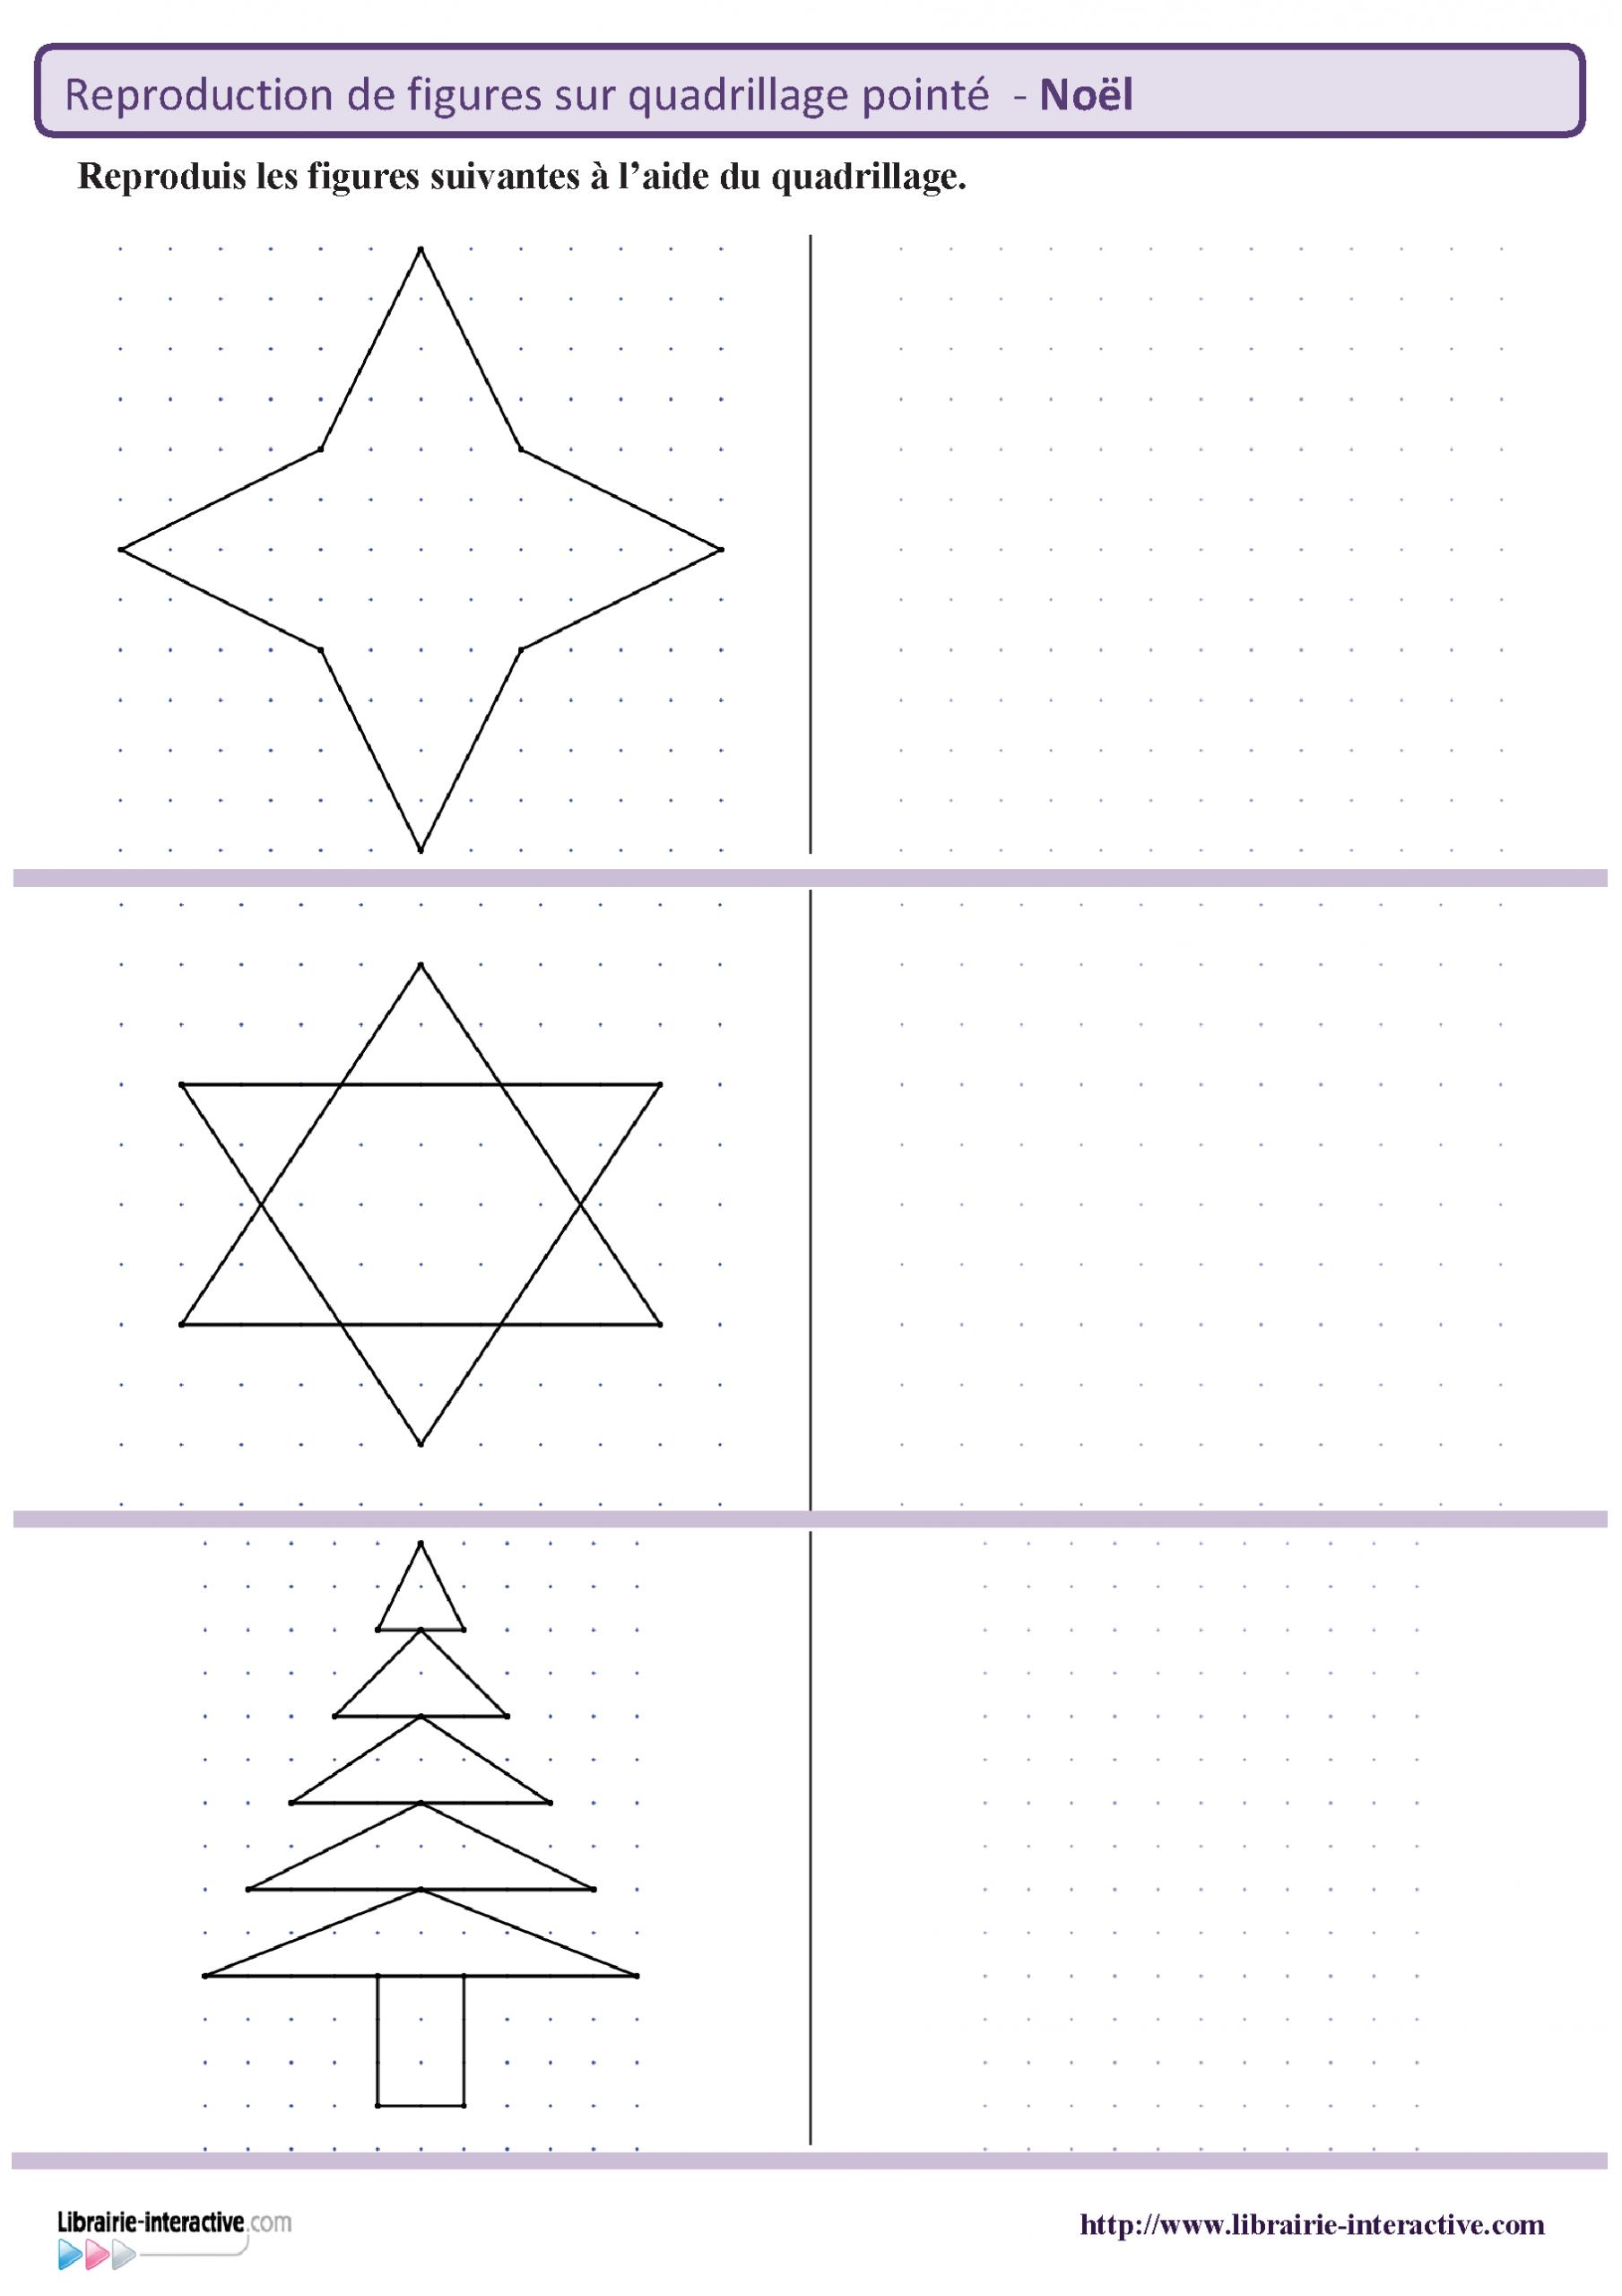 Combine 2 D Shapes Worksheet | Printable Worksheets And intérieur Reproduction De Figures Sur Quadrillage